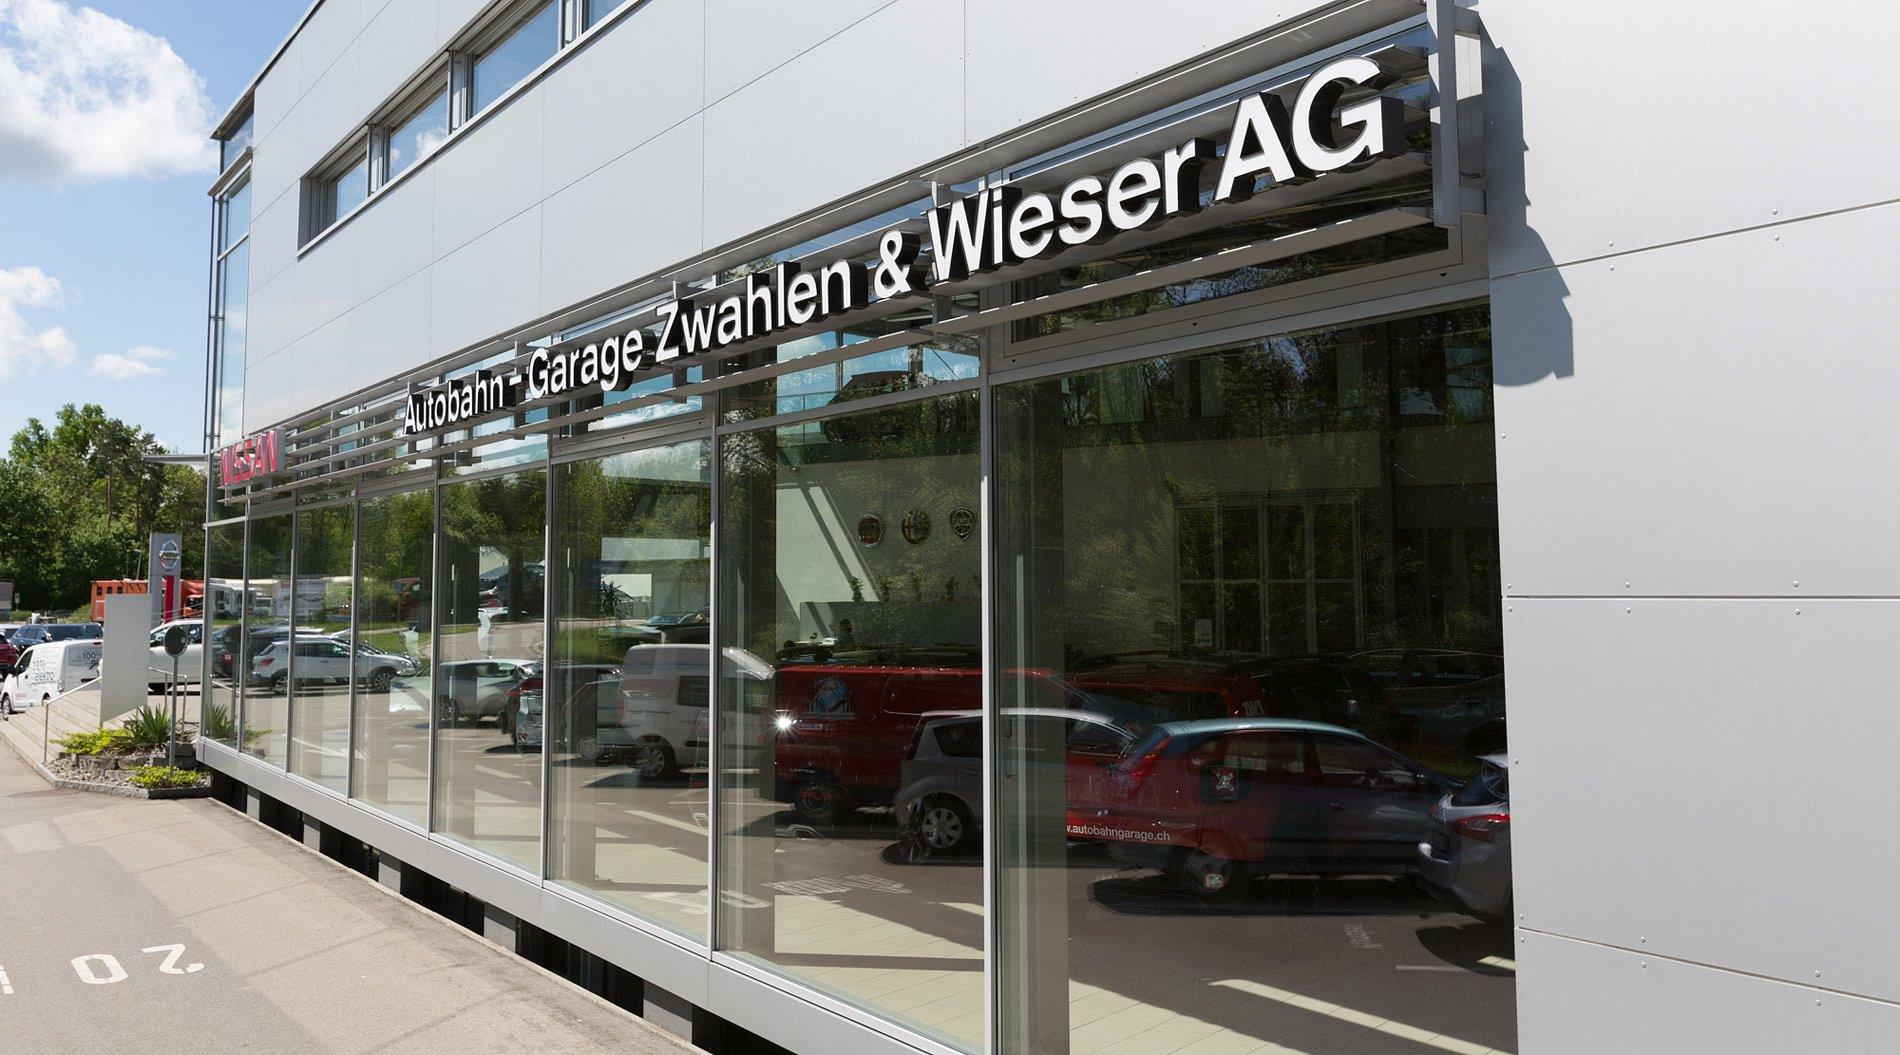 Autobahn garage zwahlen wieser ag lyss adresse for Garage ouvert aujourd hui